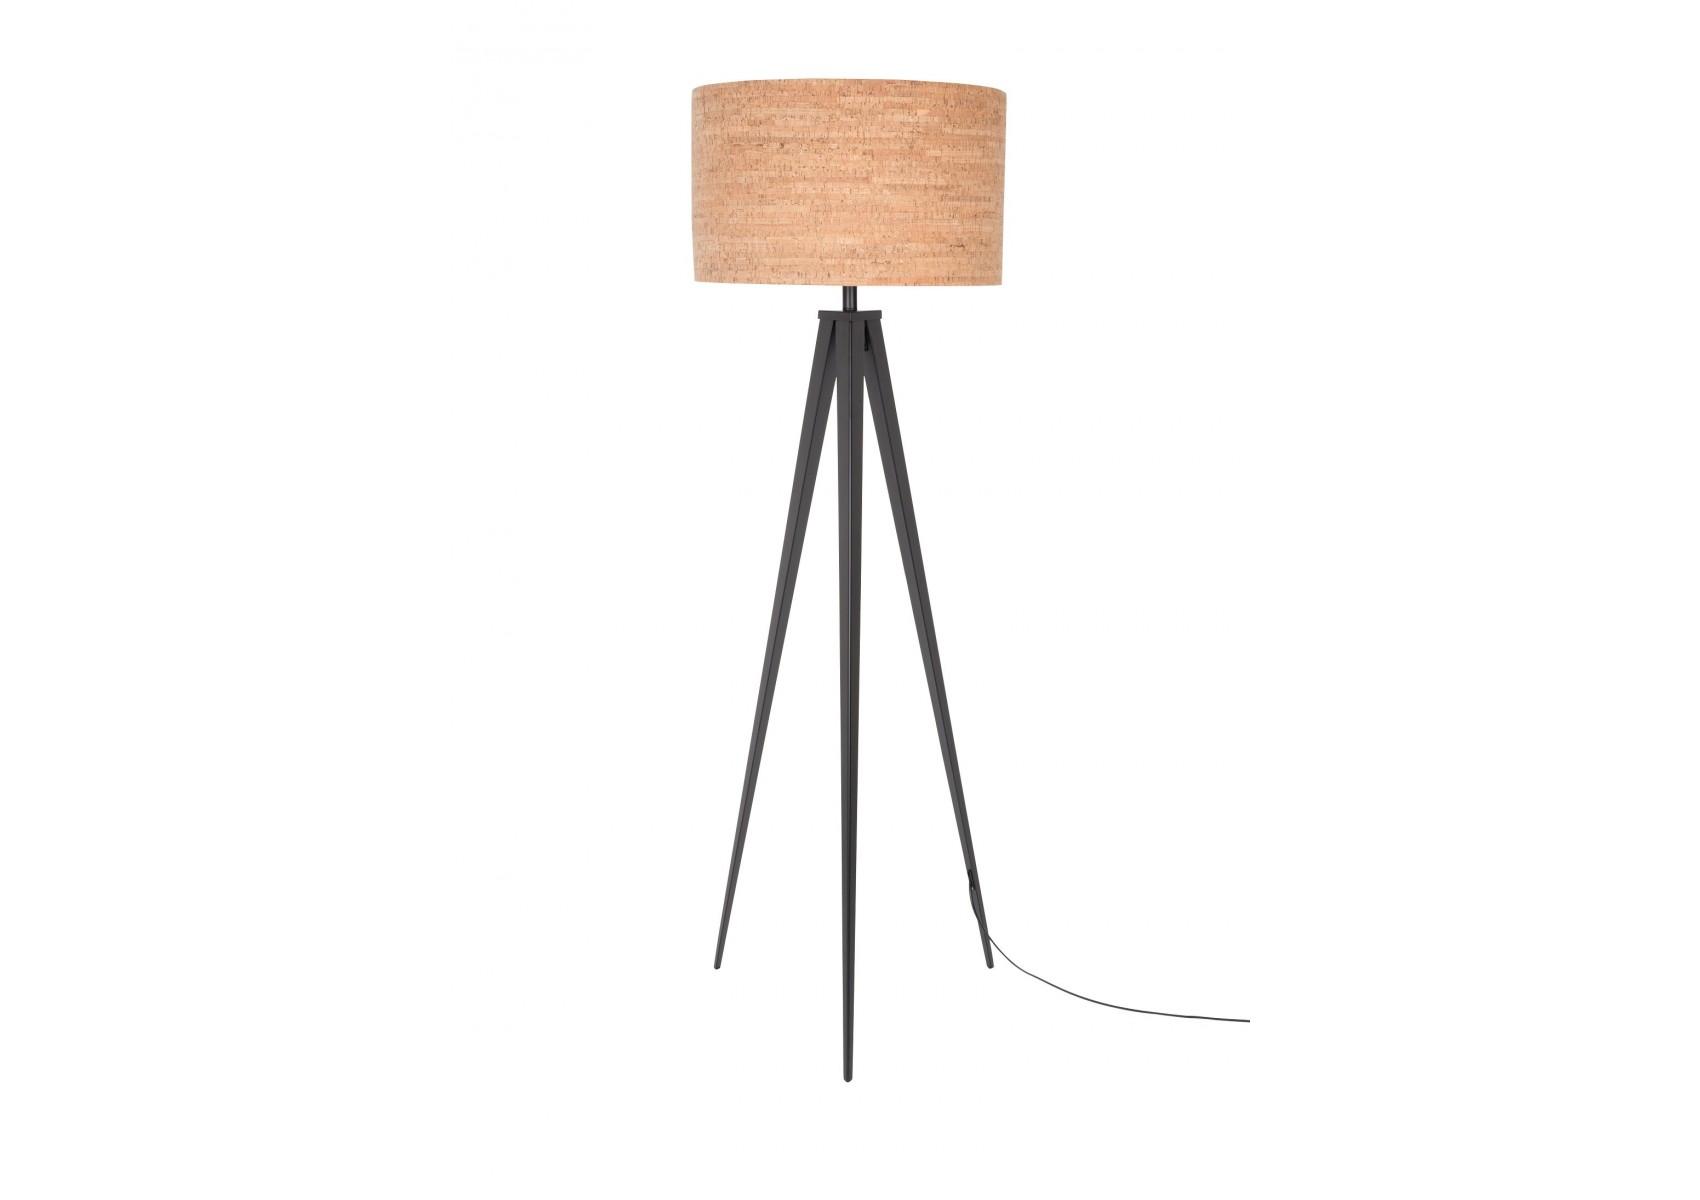 lampadaire design tripod cork deco zuiver boite design. Black Bedroom Furniture Sets. Home Design Ideas